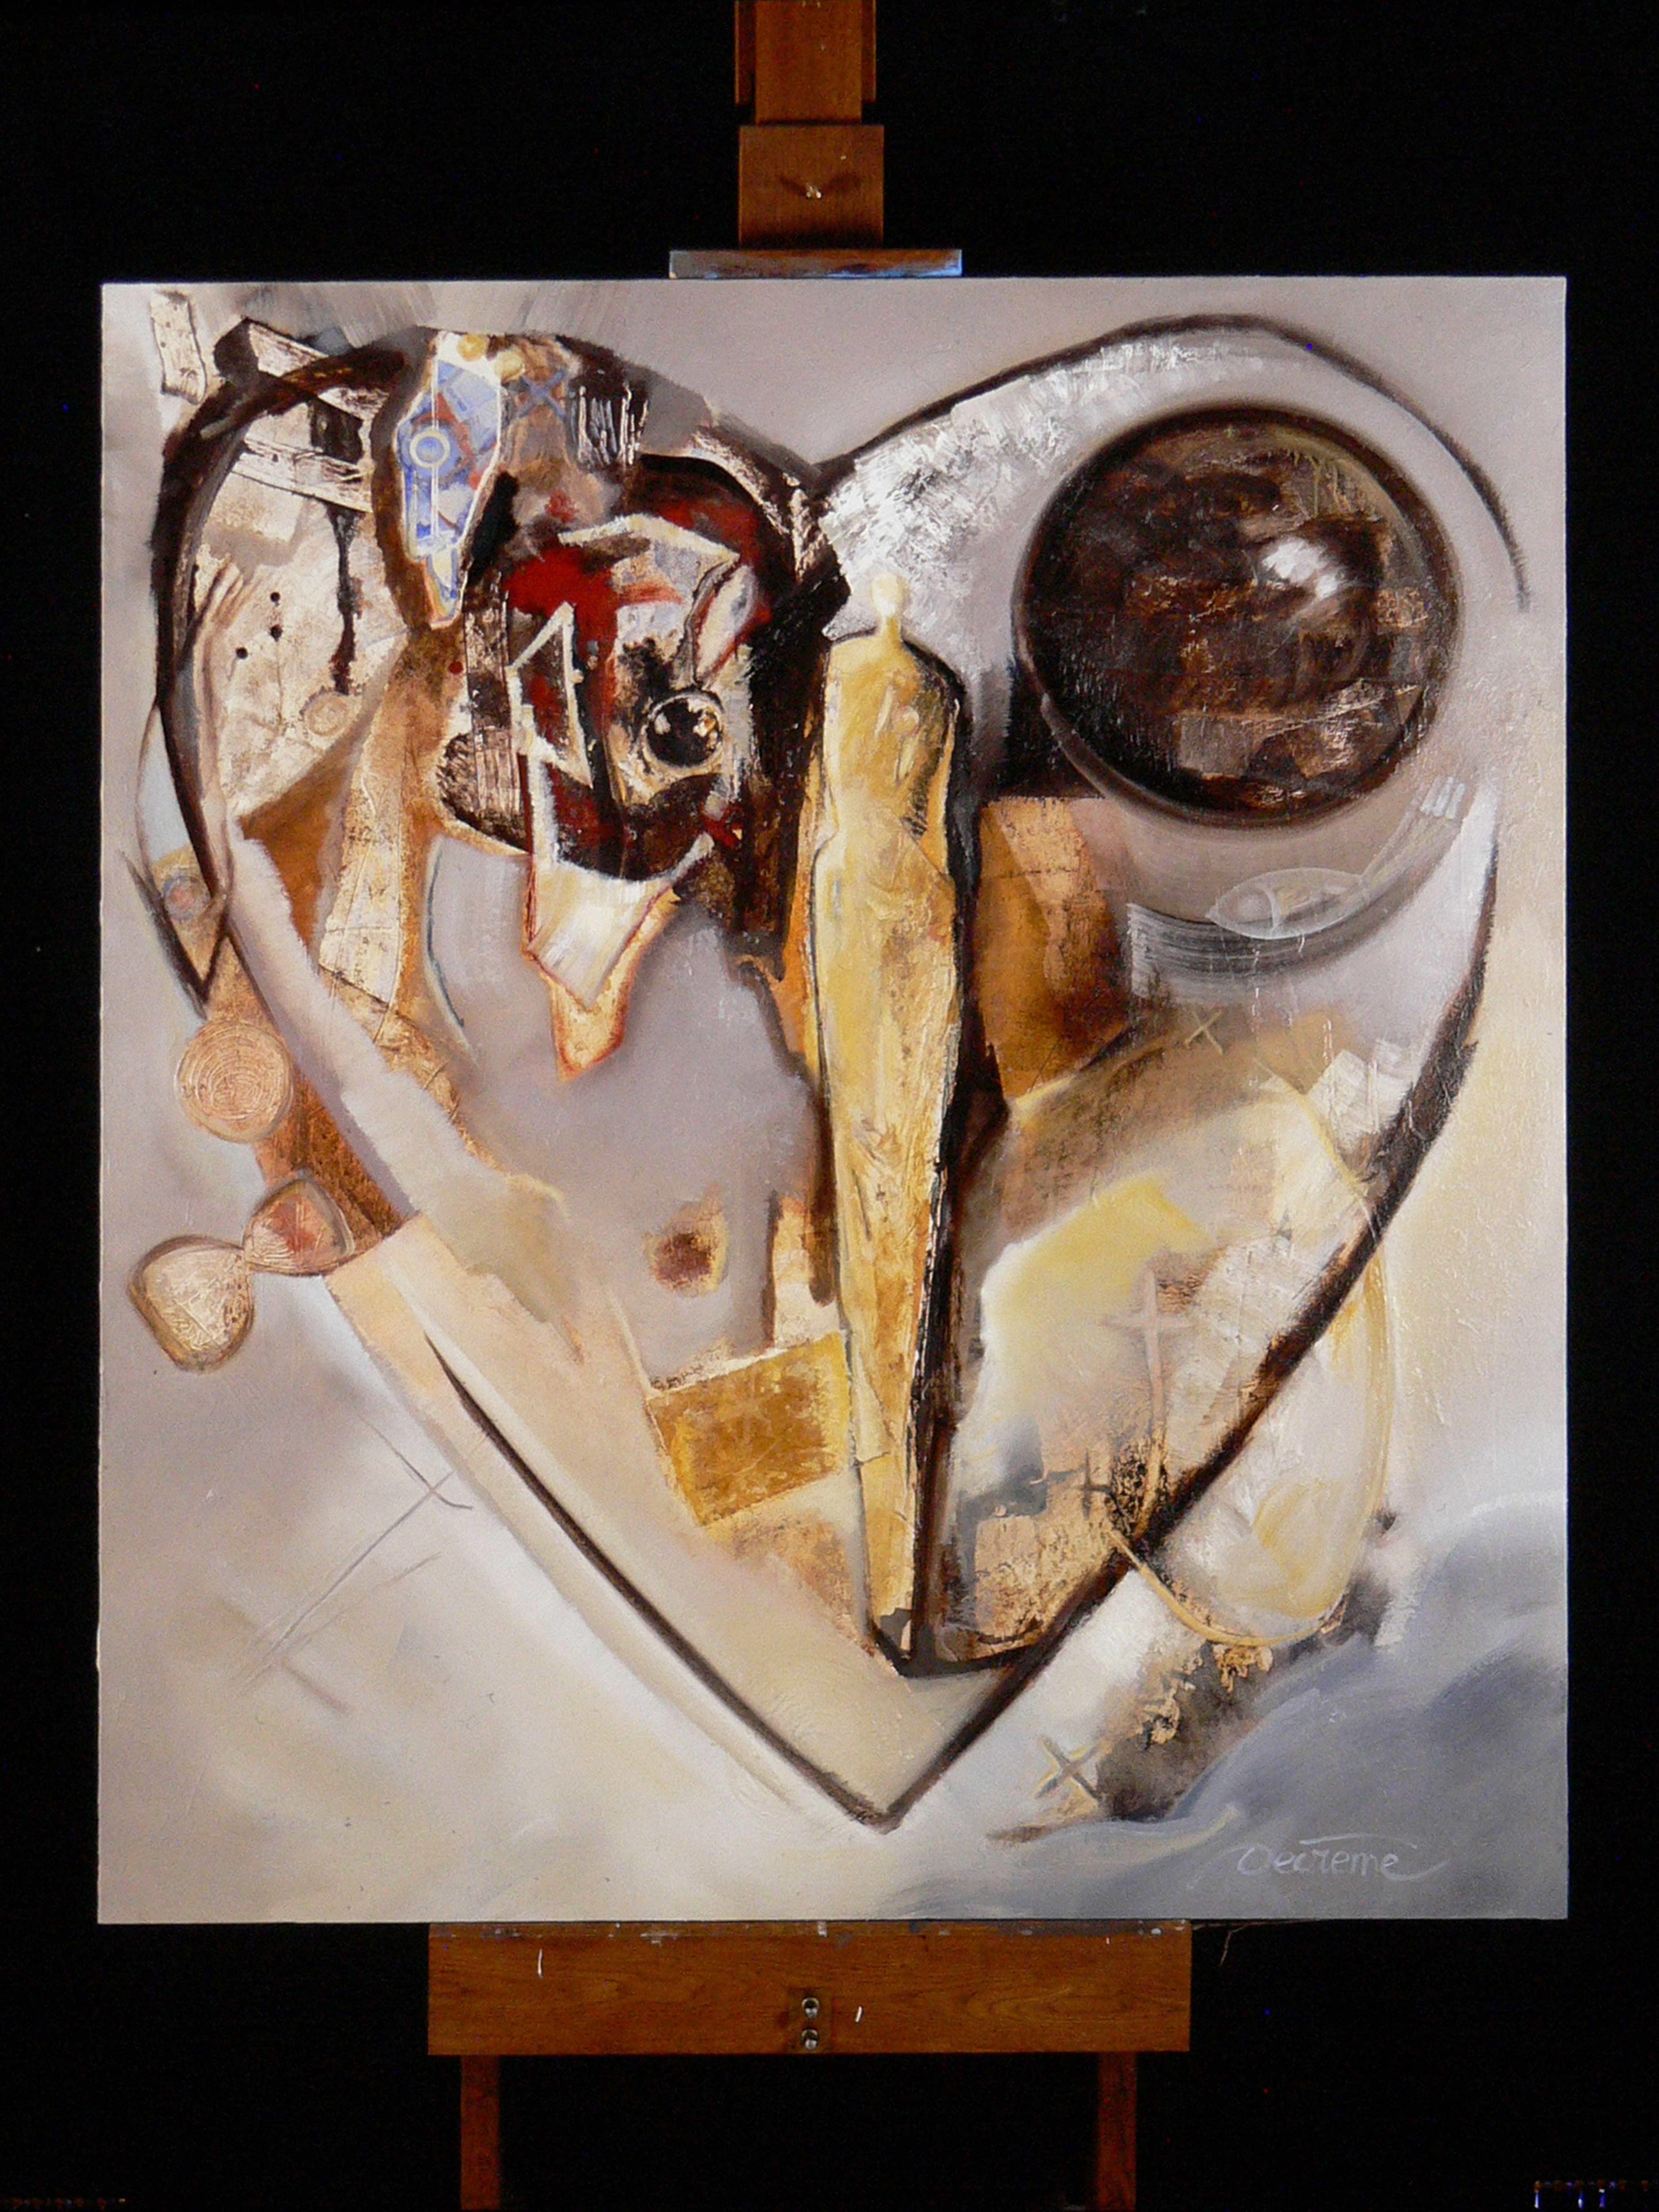 DECREME_HST_Le coeur du peintre_135x150_1997